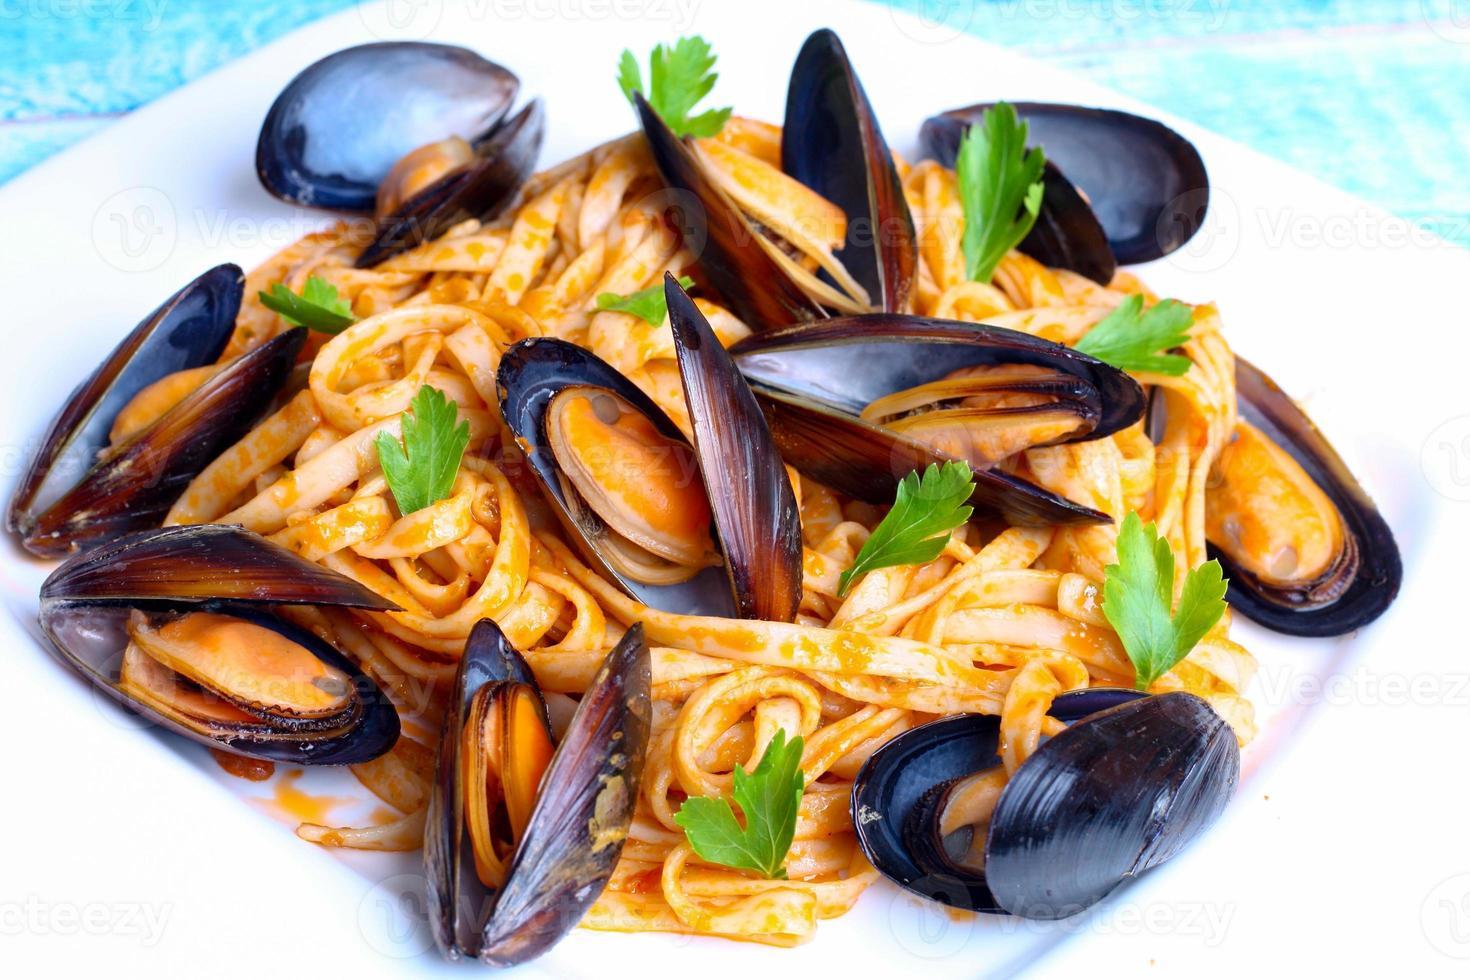 Pasta mit Muscheln Meeresfrüchten foto